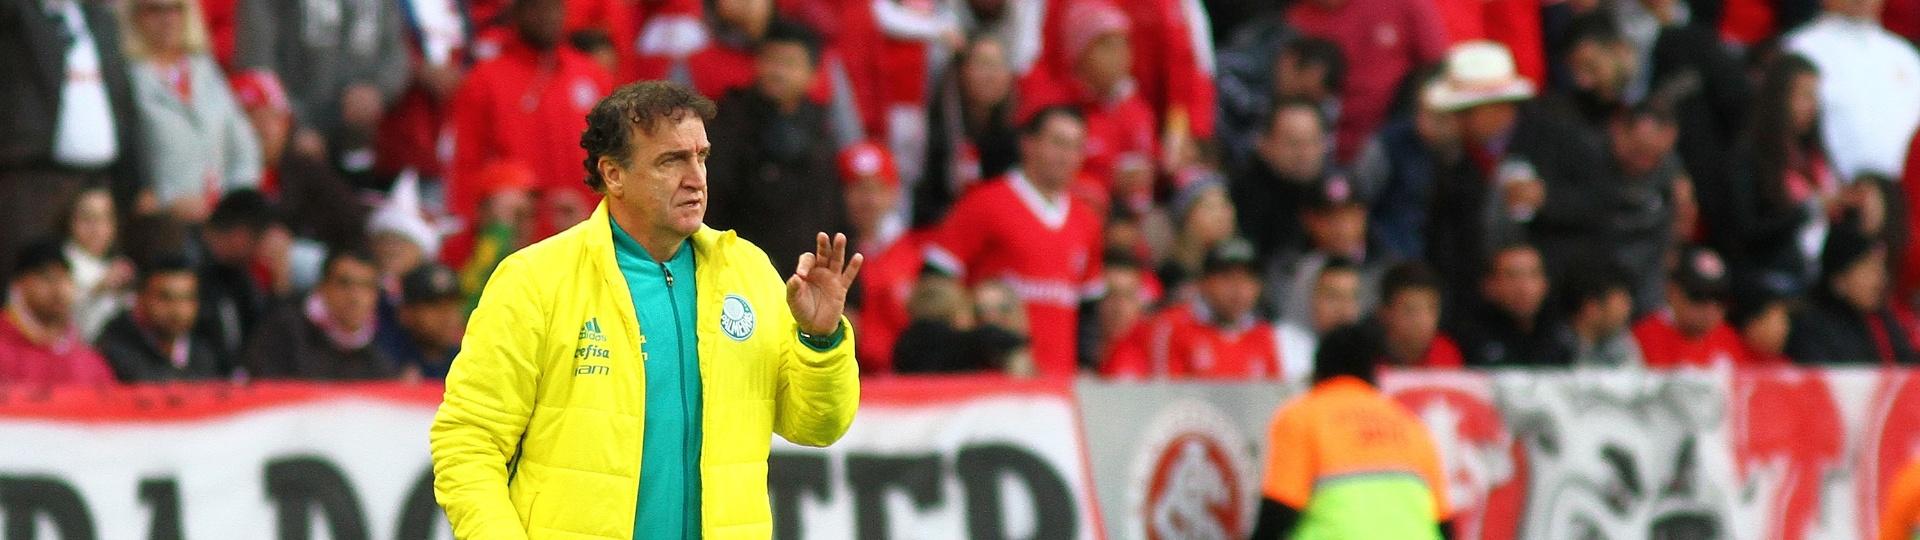 Cuca comanda a equipe do Palmeiras contra o Internacional